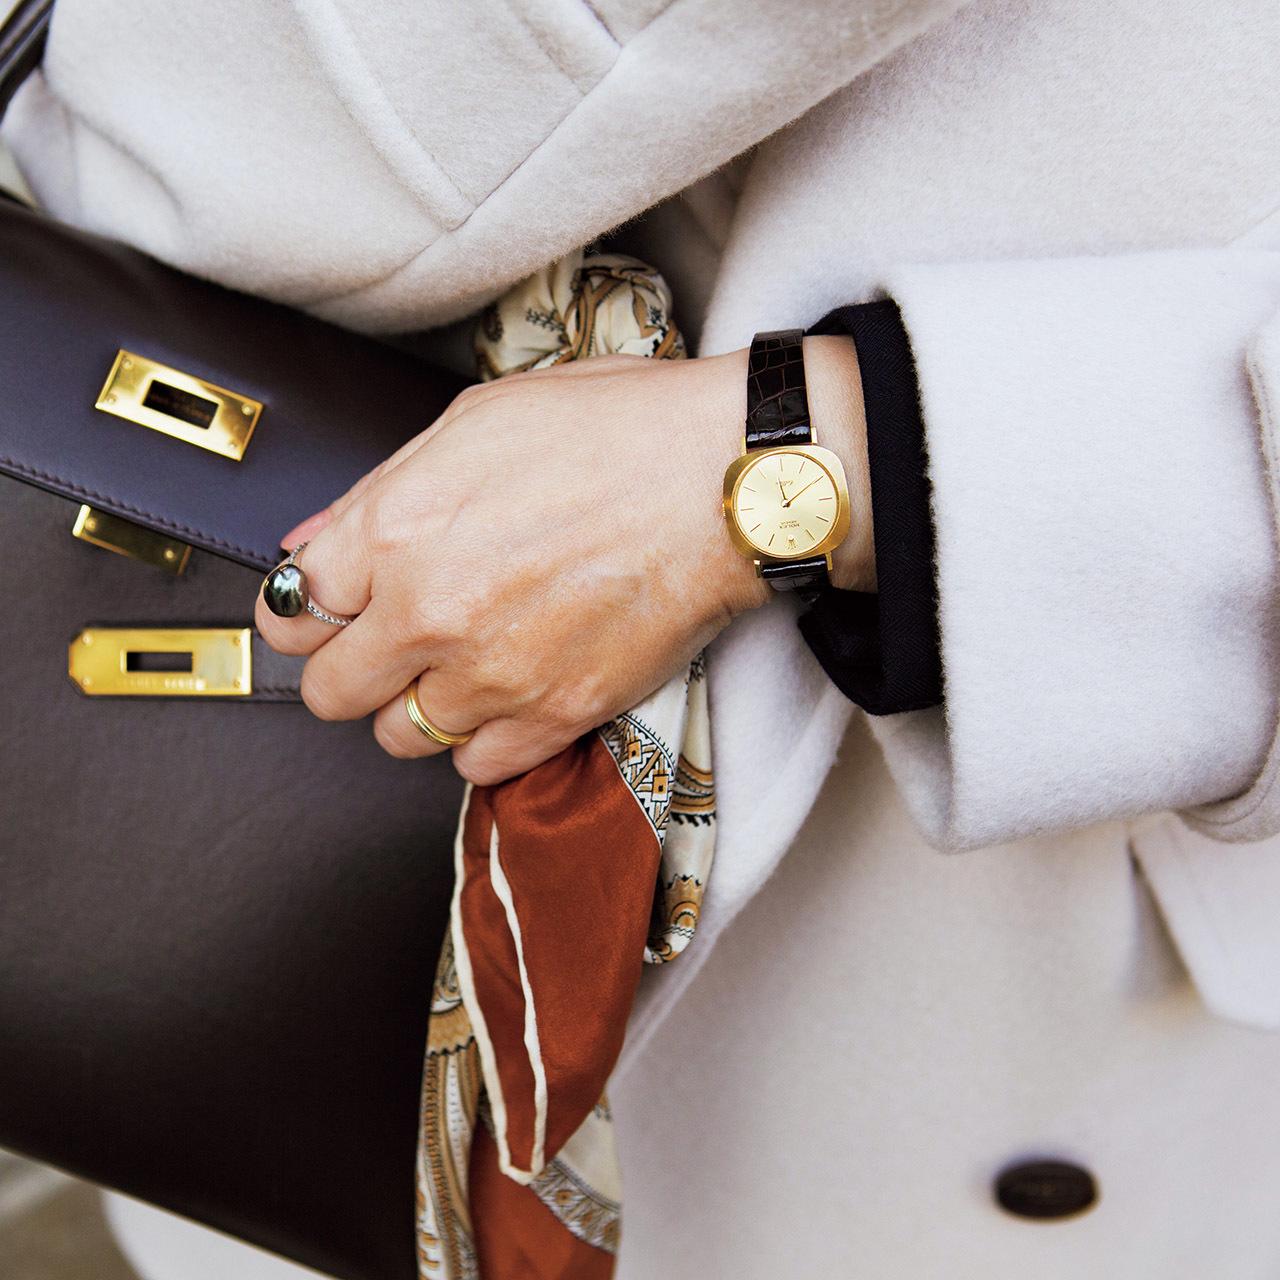 """「#Jマダムのおしゃれ」で発見! センスが光る""""今どき50代""""ファッション&手もとのおしゃれ25_1_1-19"""